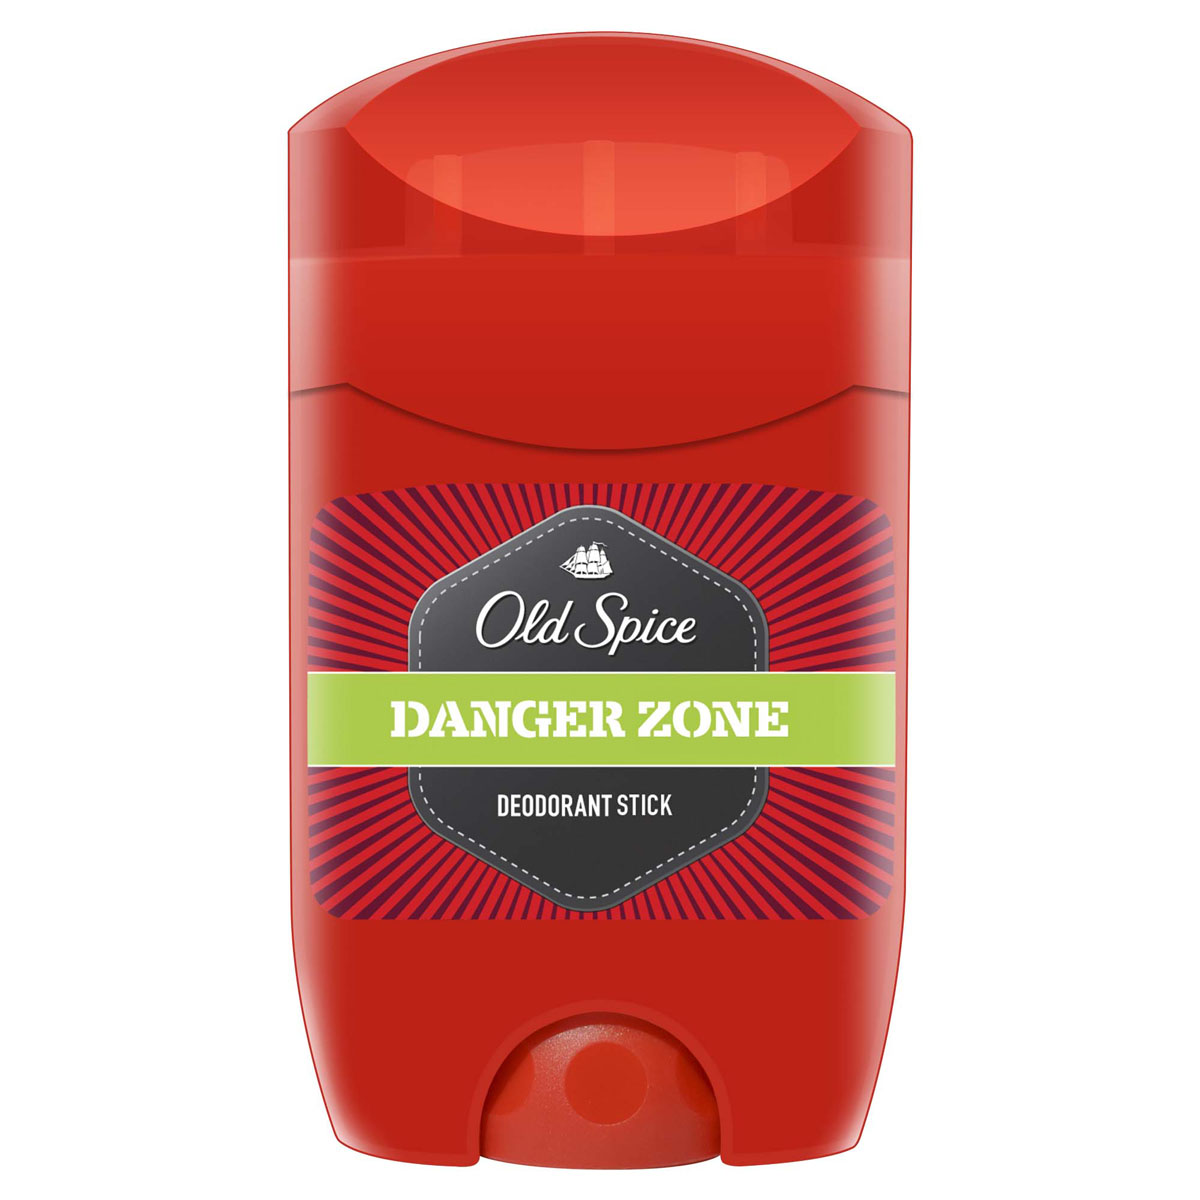 Old Spice Дезодорант-стик Danger Zone, 50 мл дезодорант стик 48 часов спортивный lavilin 60 мл hlavin